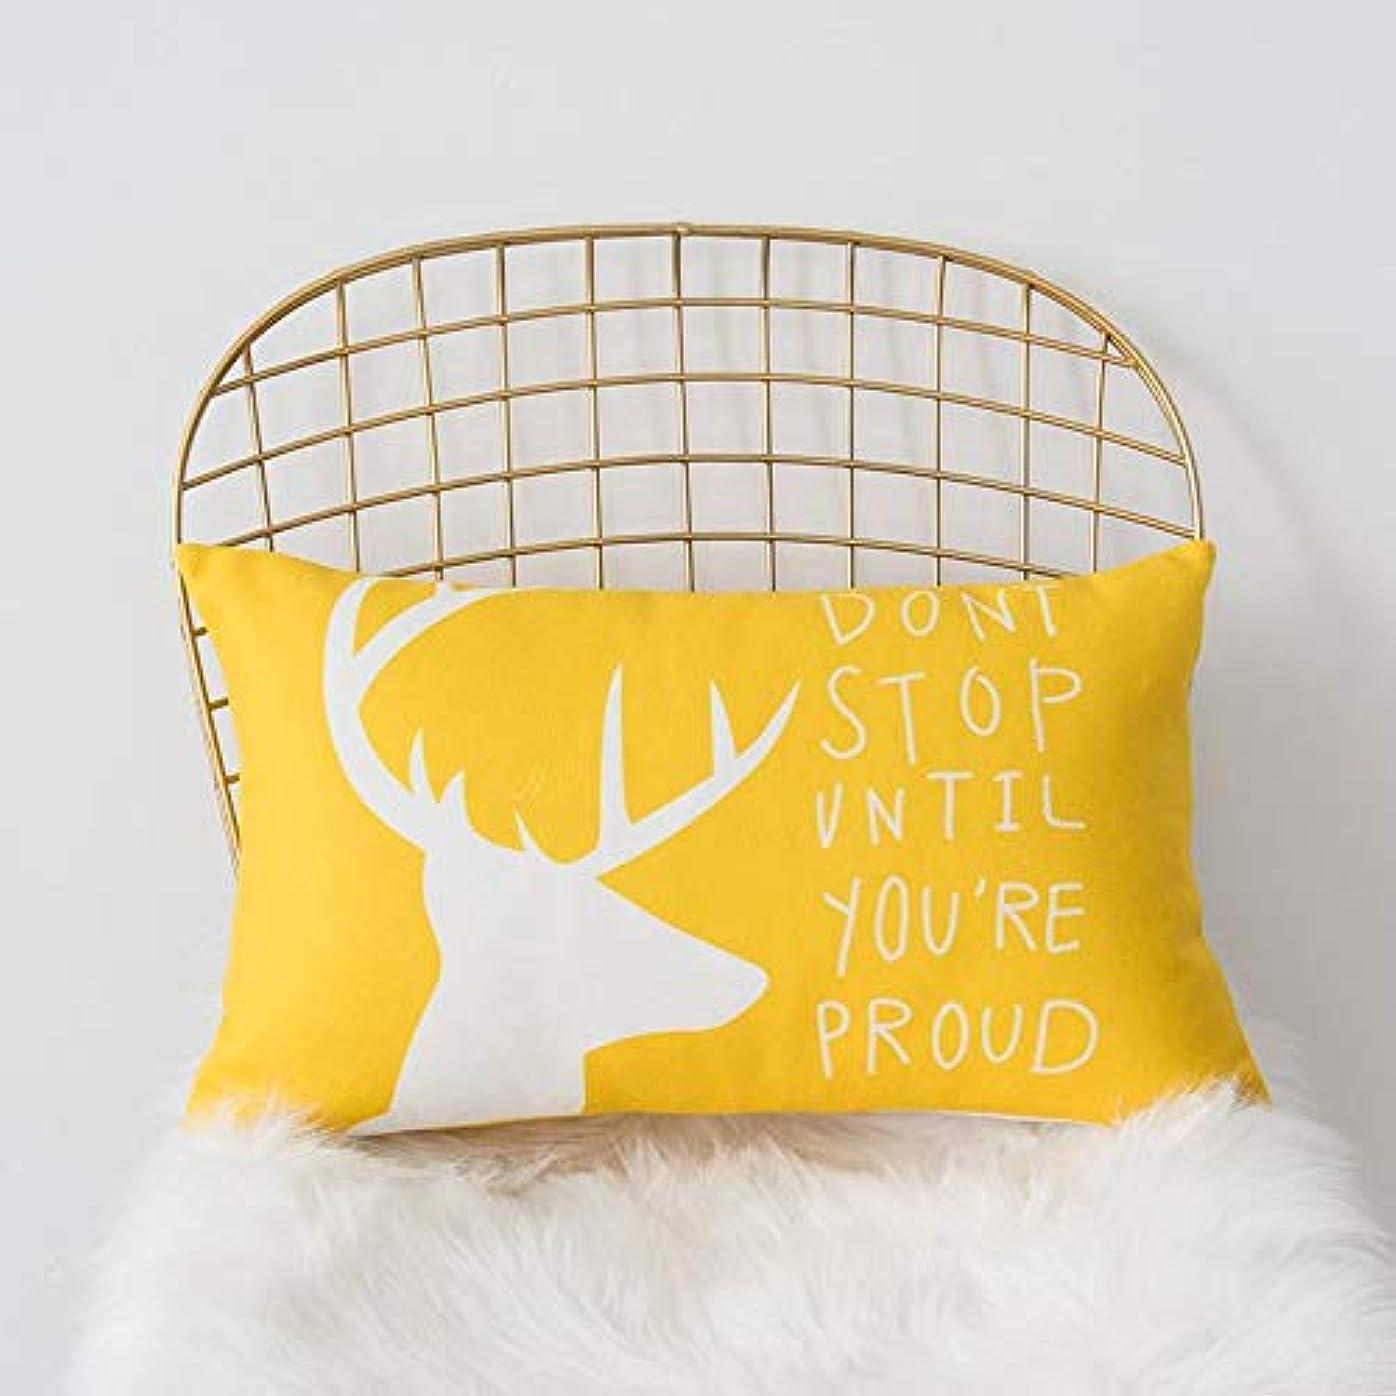 捨てるツイン爆発するLIFE 黄色グレー枕北欧スタイル黄色ヘラジカ幾何枕リビングルームのインテリアソファクッション Cojines 装飾良質 クッション 椅子